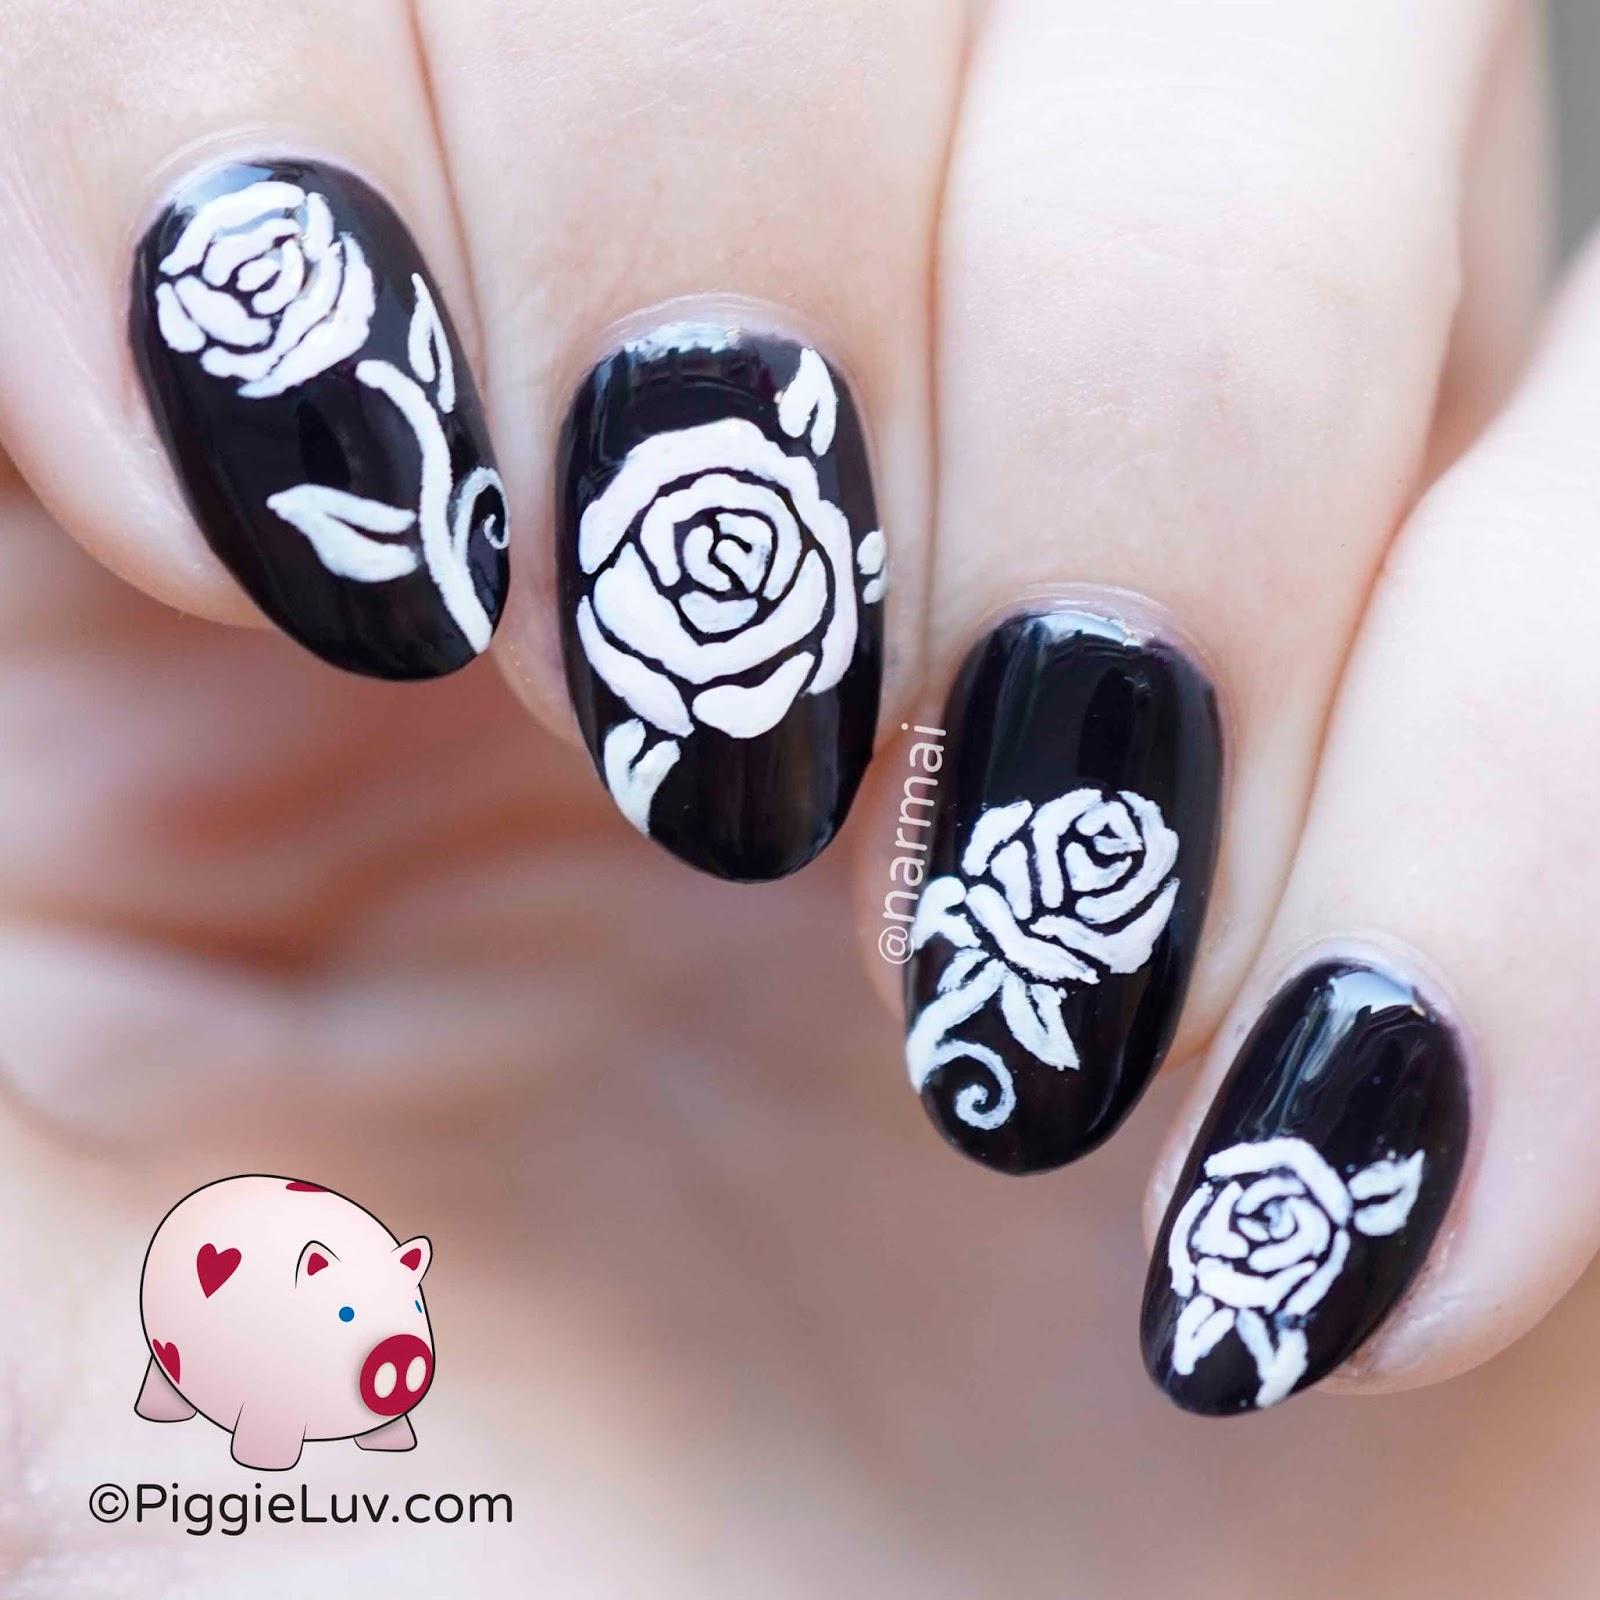 PiggieLuv: Glow roses nail art